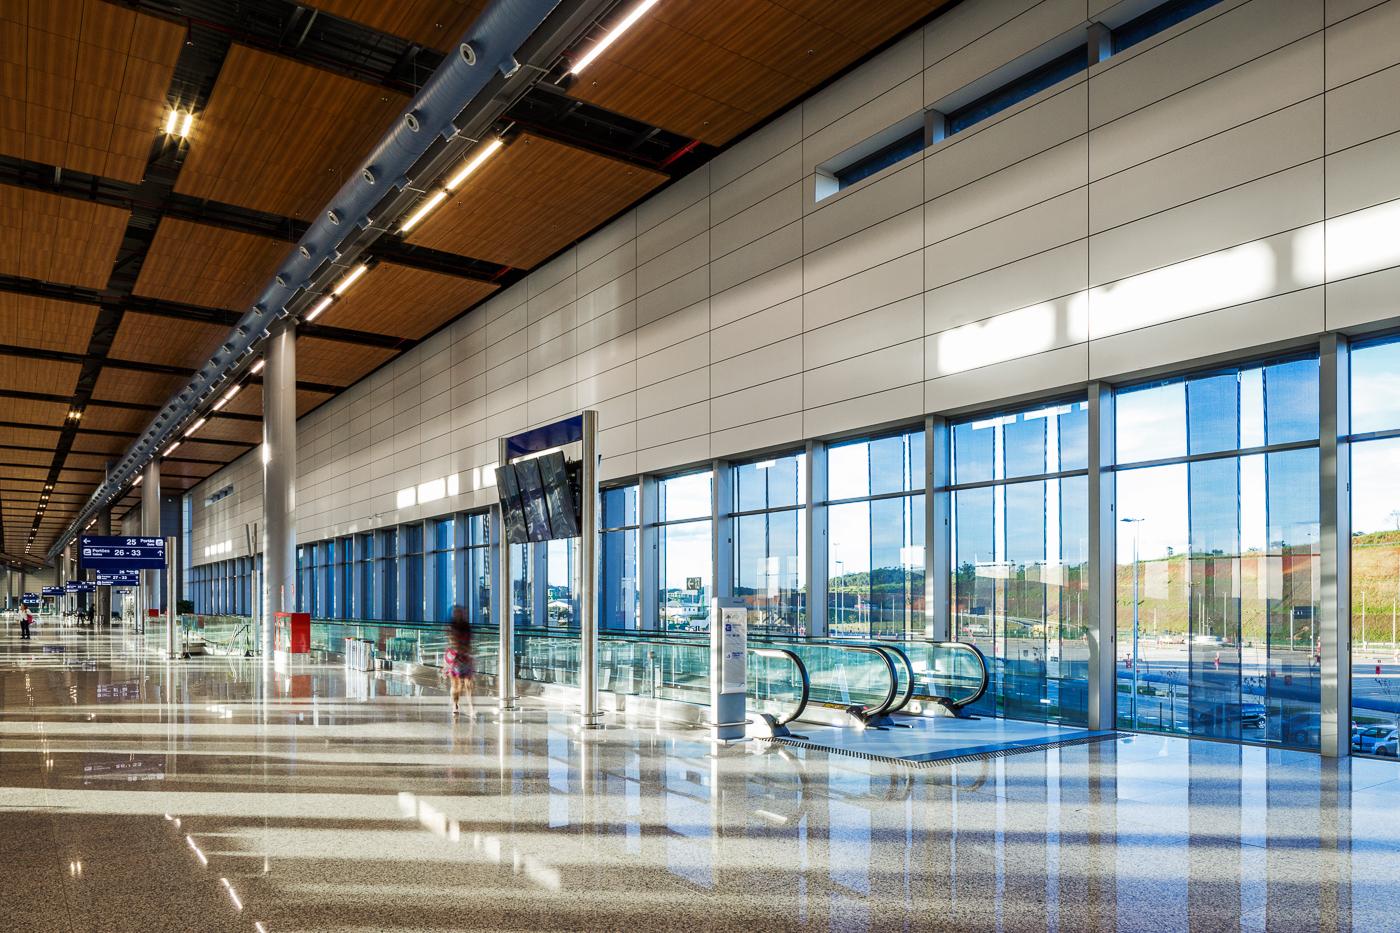 Aeroporto Internacional de BH é finalista em duas premiações de destaque no país